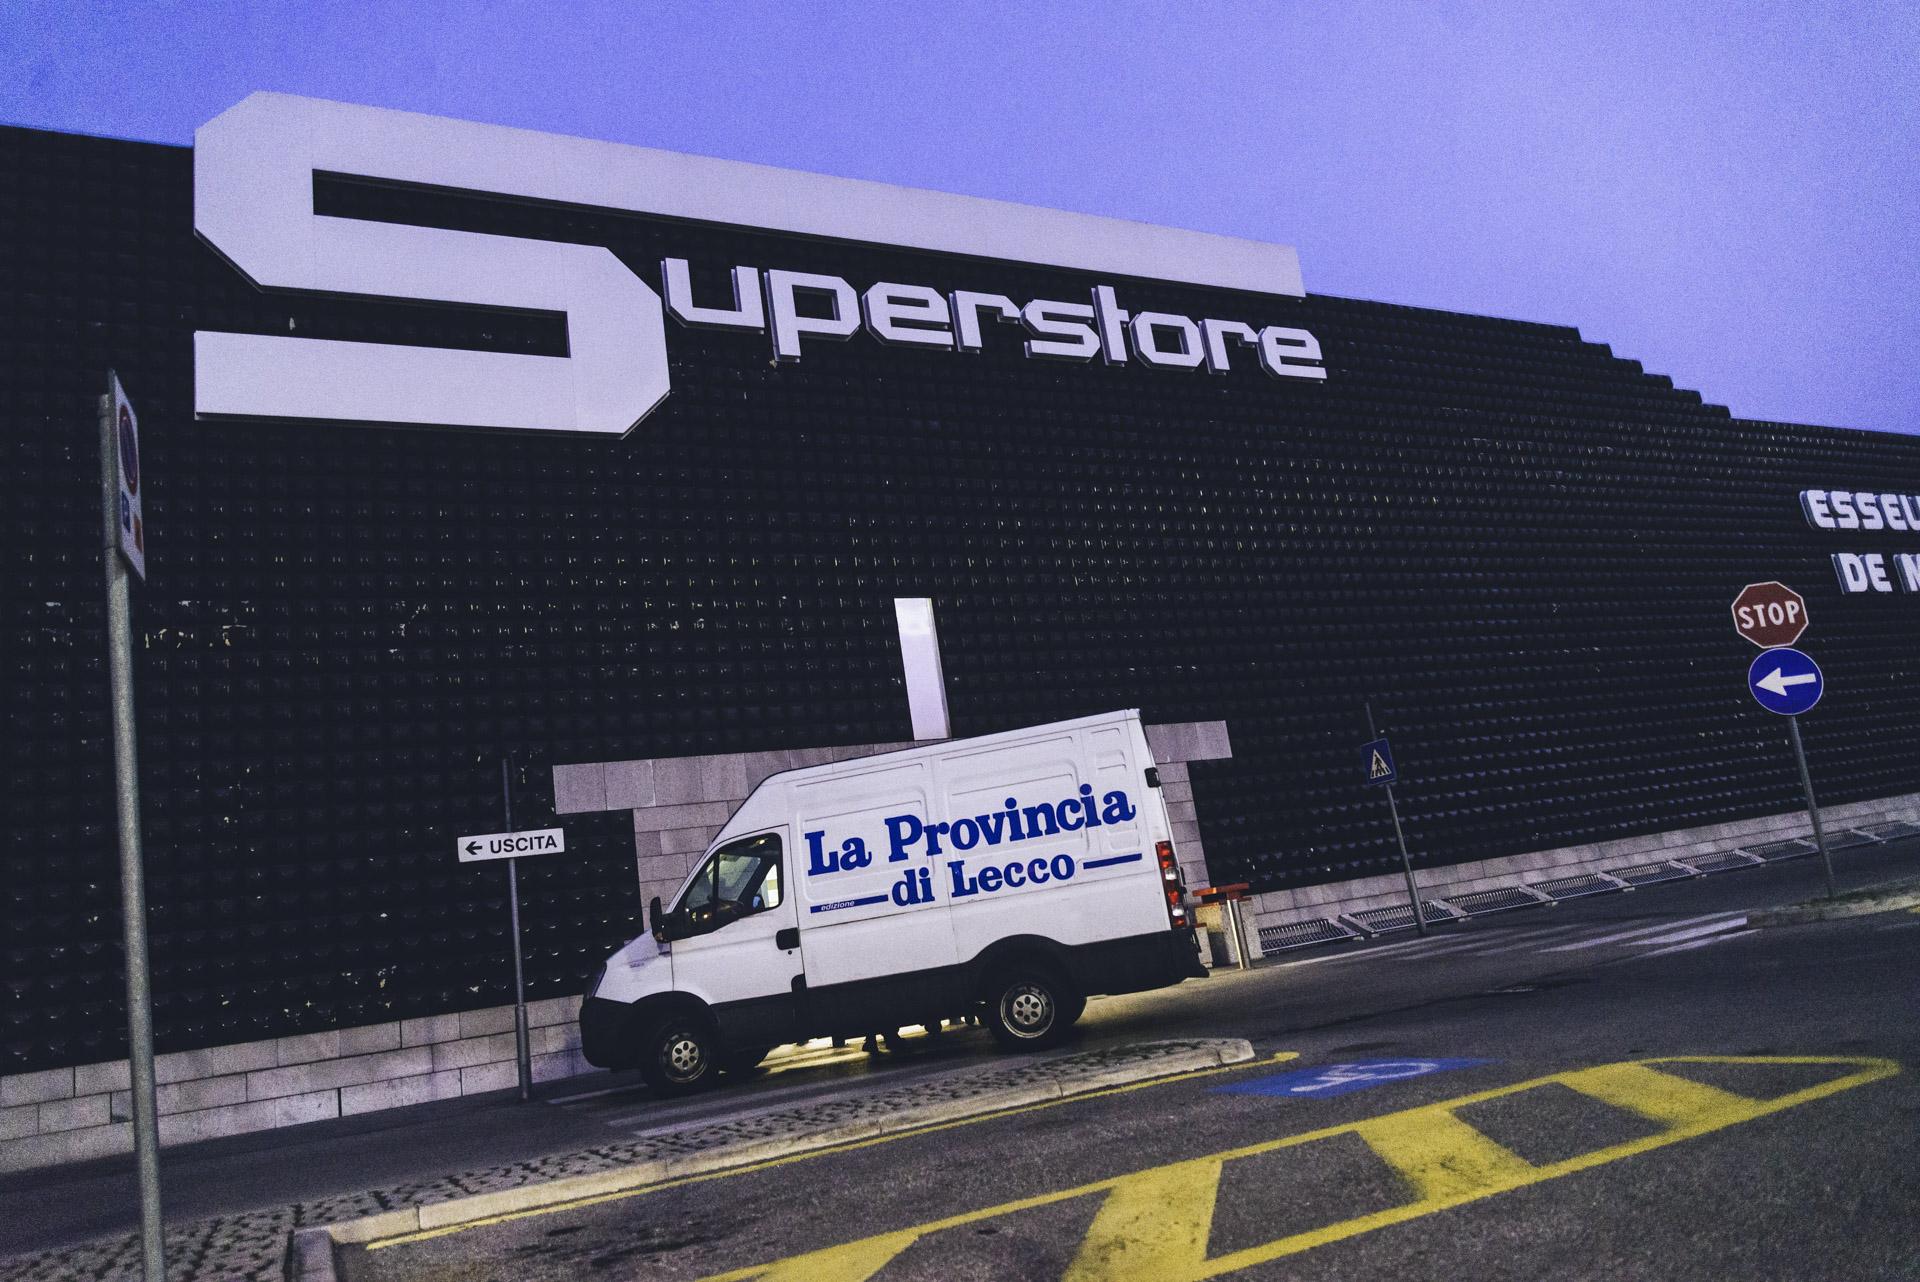 Parravicini giornali Monza Brianza distribuzione edicole Esselunga